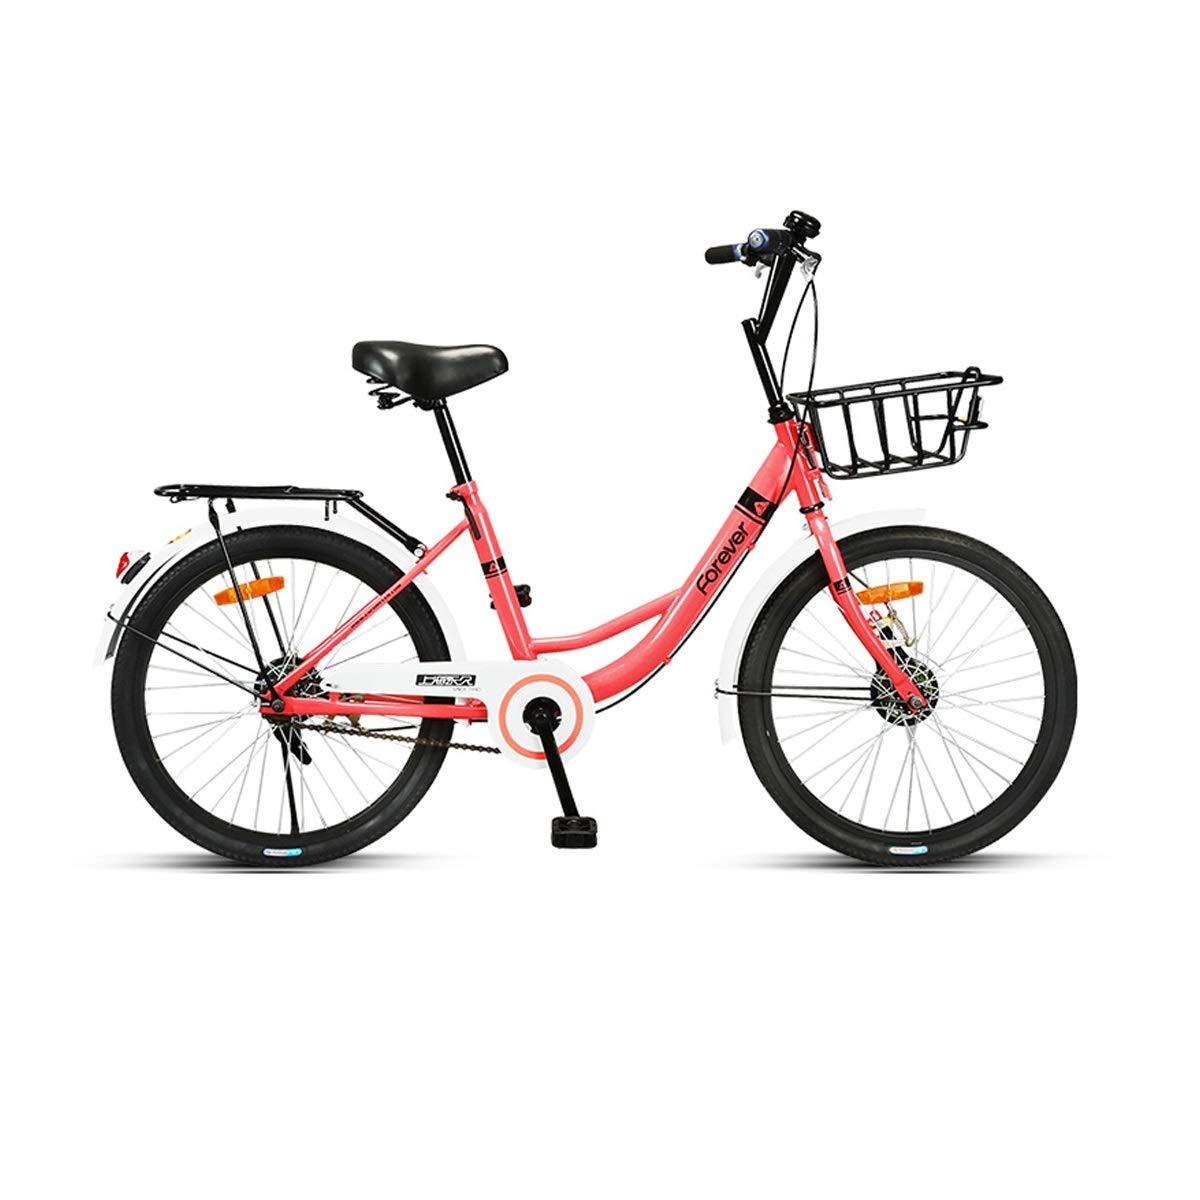 22インチソリッドタイヤ自転車、インフレータブル、アンチネクタイ、成人学生用自転車、軽量レディ普通通勤 (Color : Pink, Size : 22 inch) 22 inch Pink B07QPJH7GX